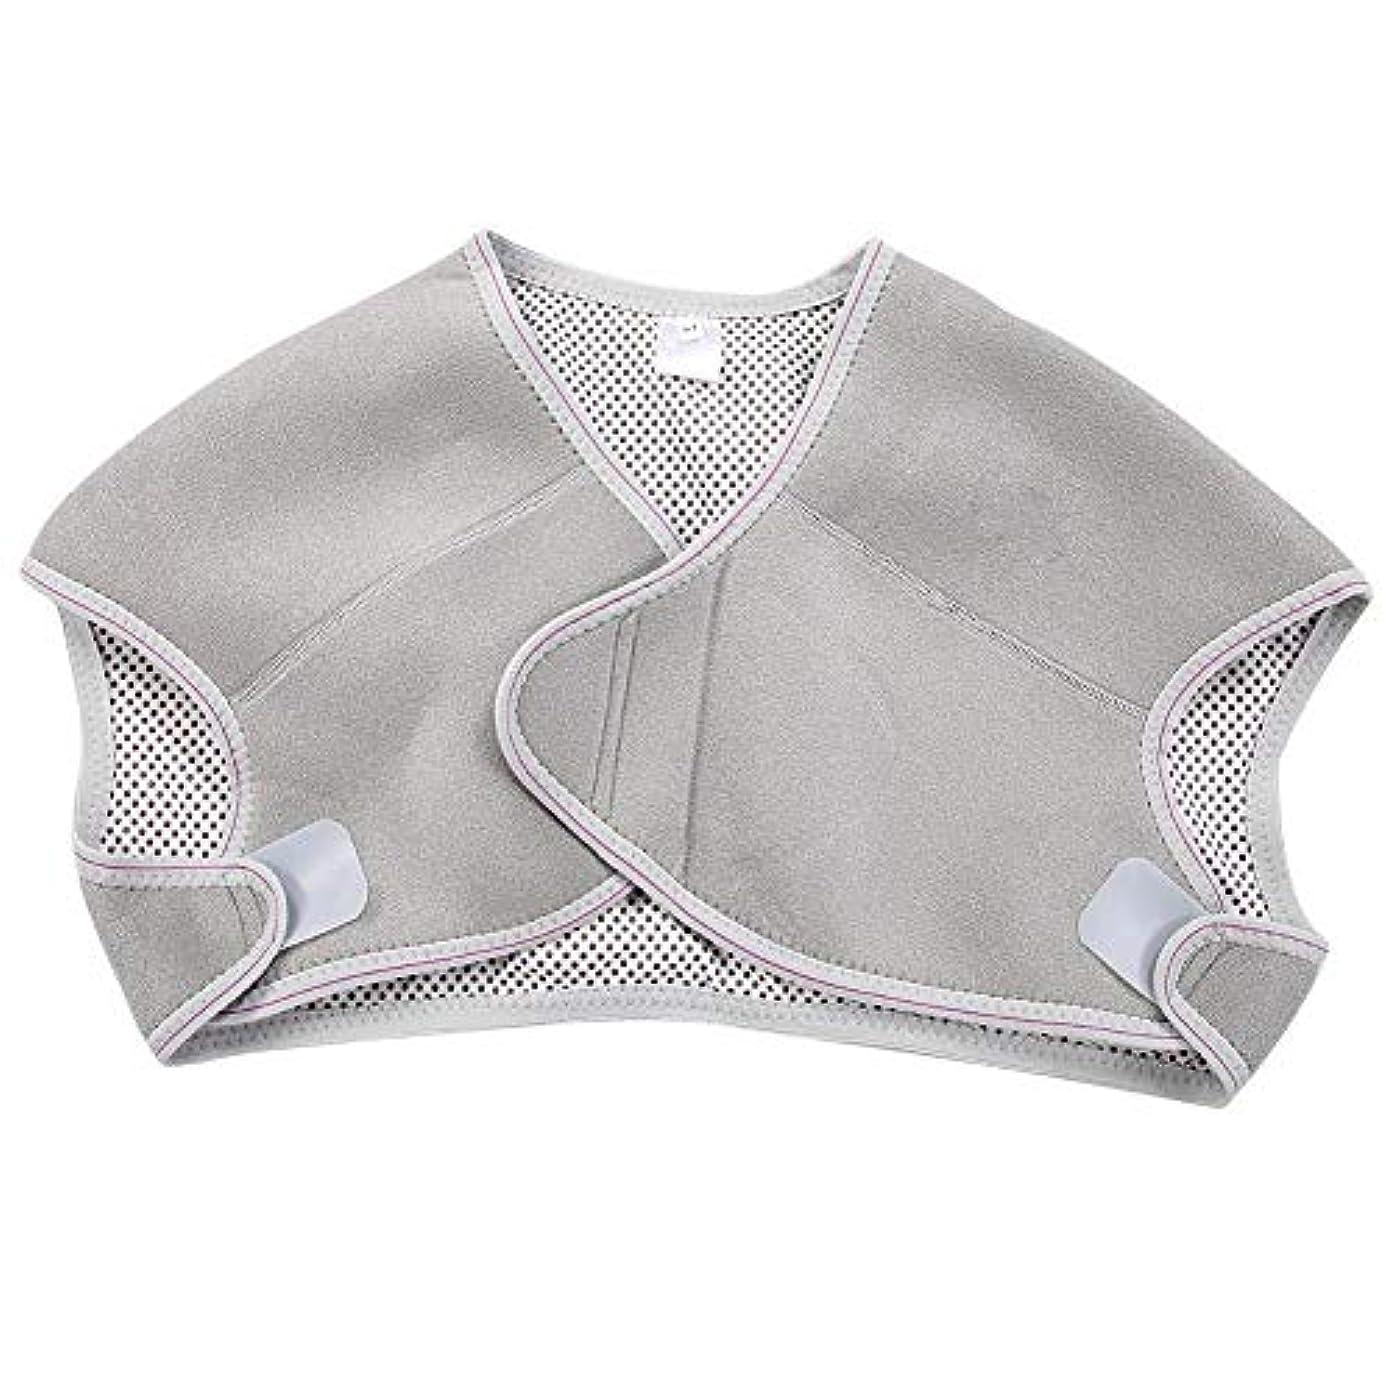 キャリッジフェザー外国人TOPINCN 肩パッド 発熱療法磁気ショルダーパッド 肩 温め ホット 血行促進 ホット 痛み解消 着脱 簡単 男女兼用 調節可能 自己発熱(L)